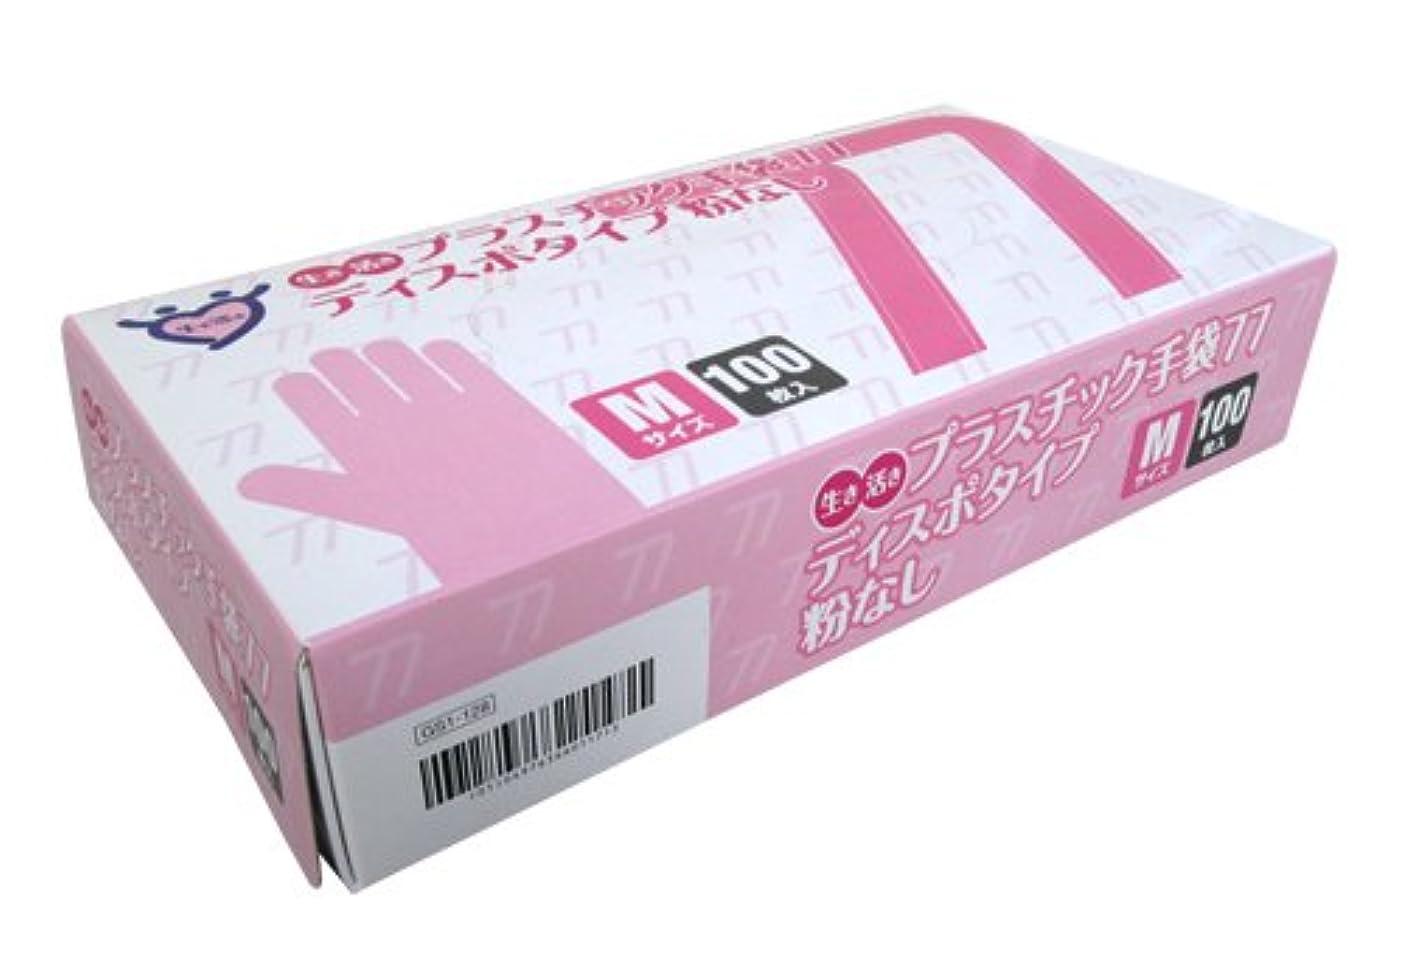 男らしさサイズ天国宇都宮製作 生き活きプラスチック手袋77 ディスポタイプ 粉なし 100枚入 M